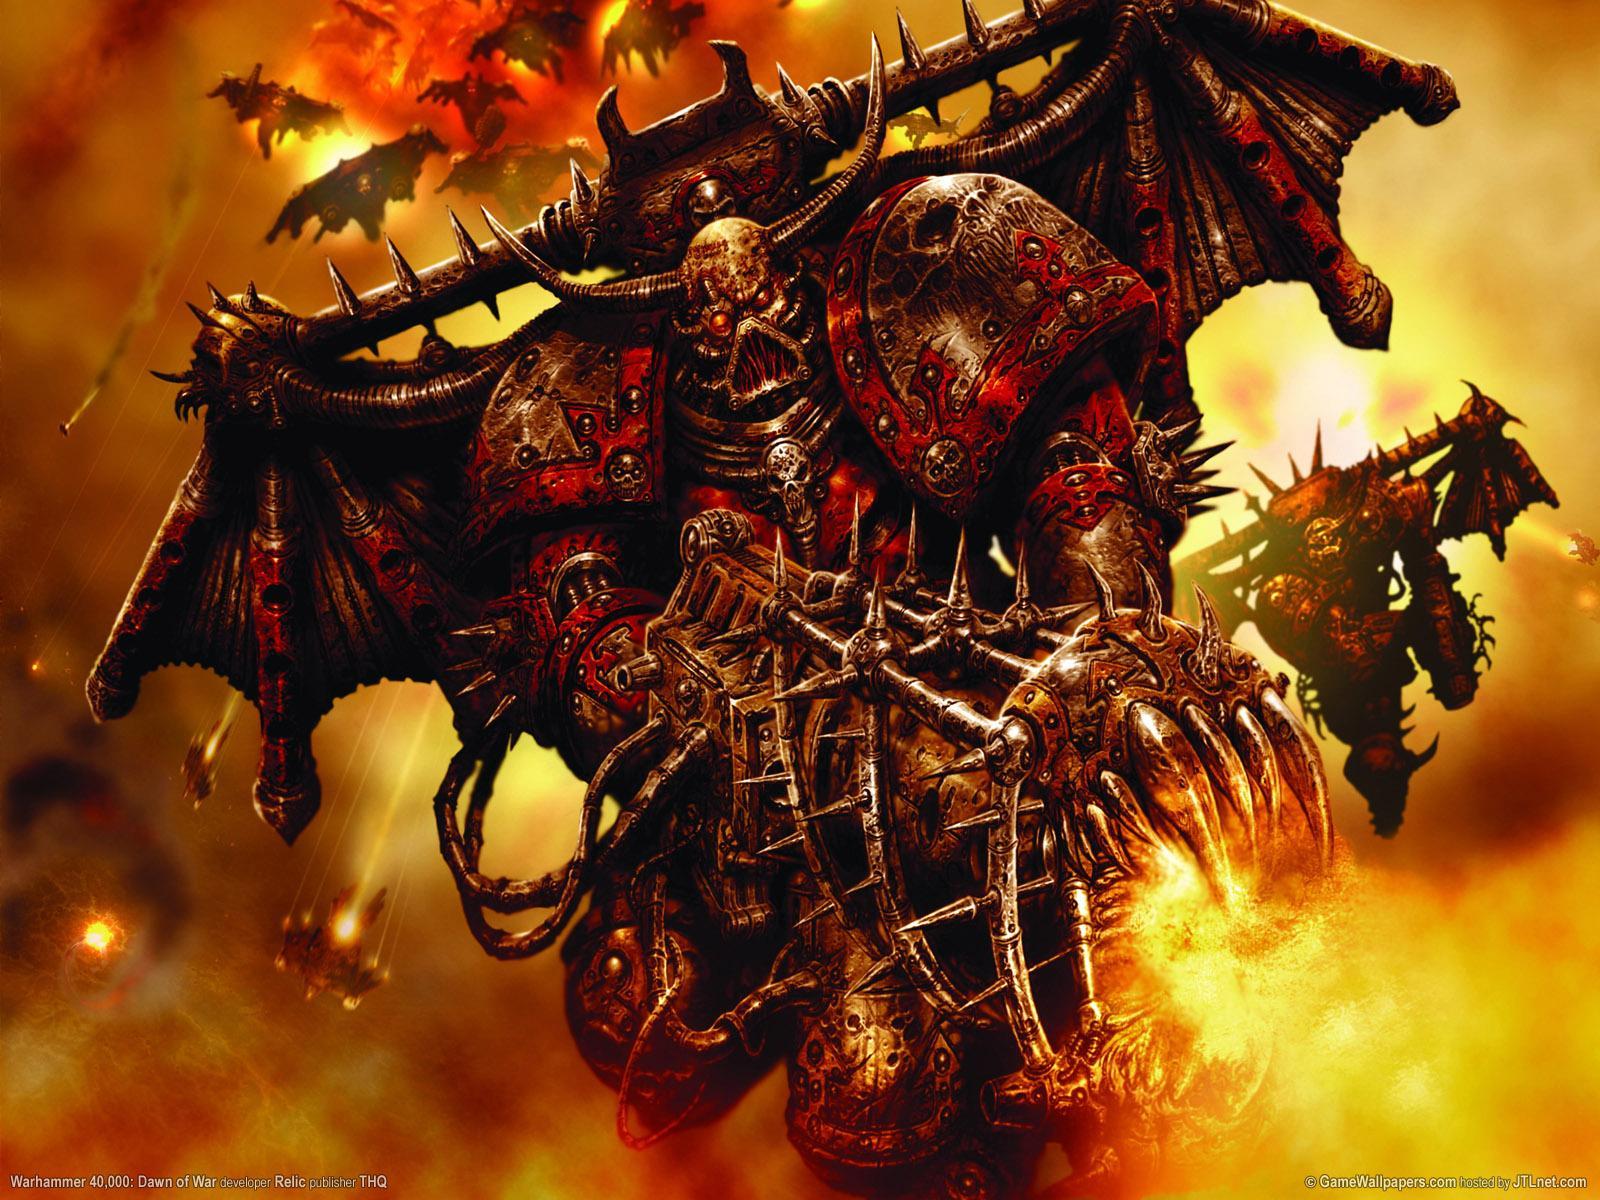 http://4.bp.blogspot.com/-xKN6-0oYoqY/UHaLGURX_ZI/AAAAAAAADWE/c9OScNYD9qQ/s1600/warhammer_40k_chaos_space_marine.jpg